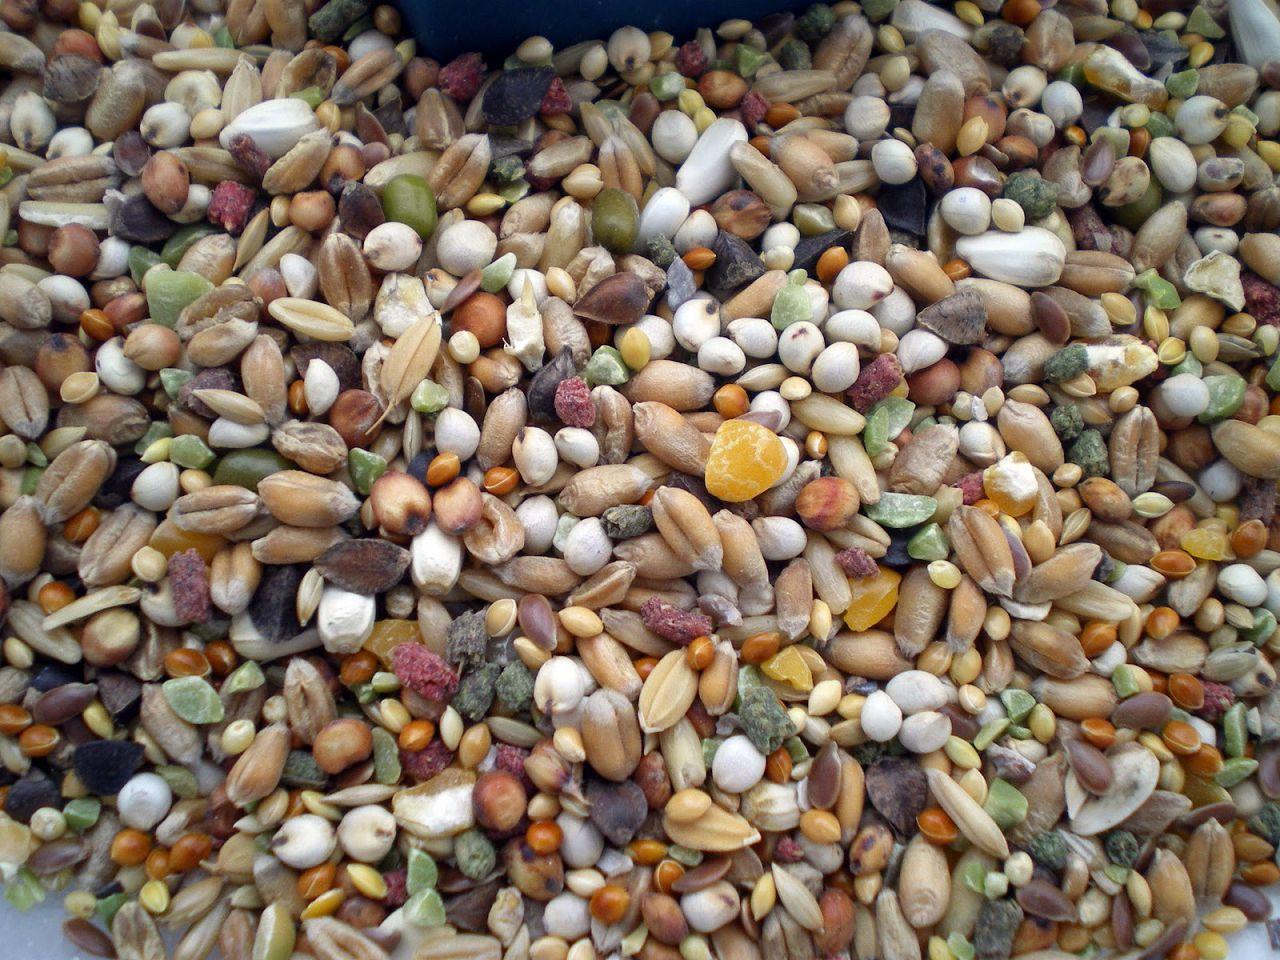 Основа рациона - зерно и семена растений